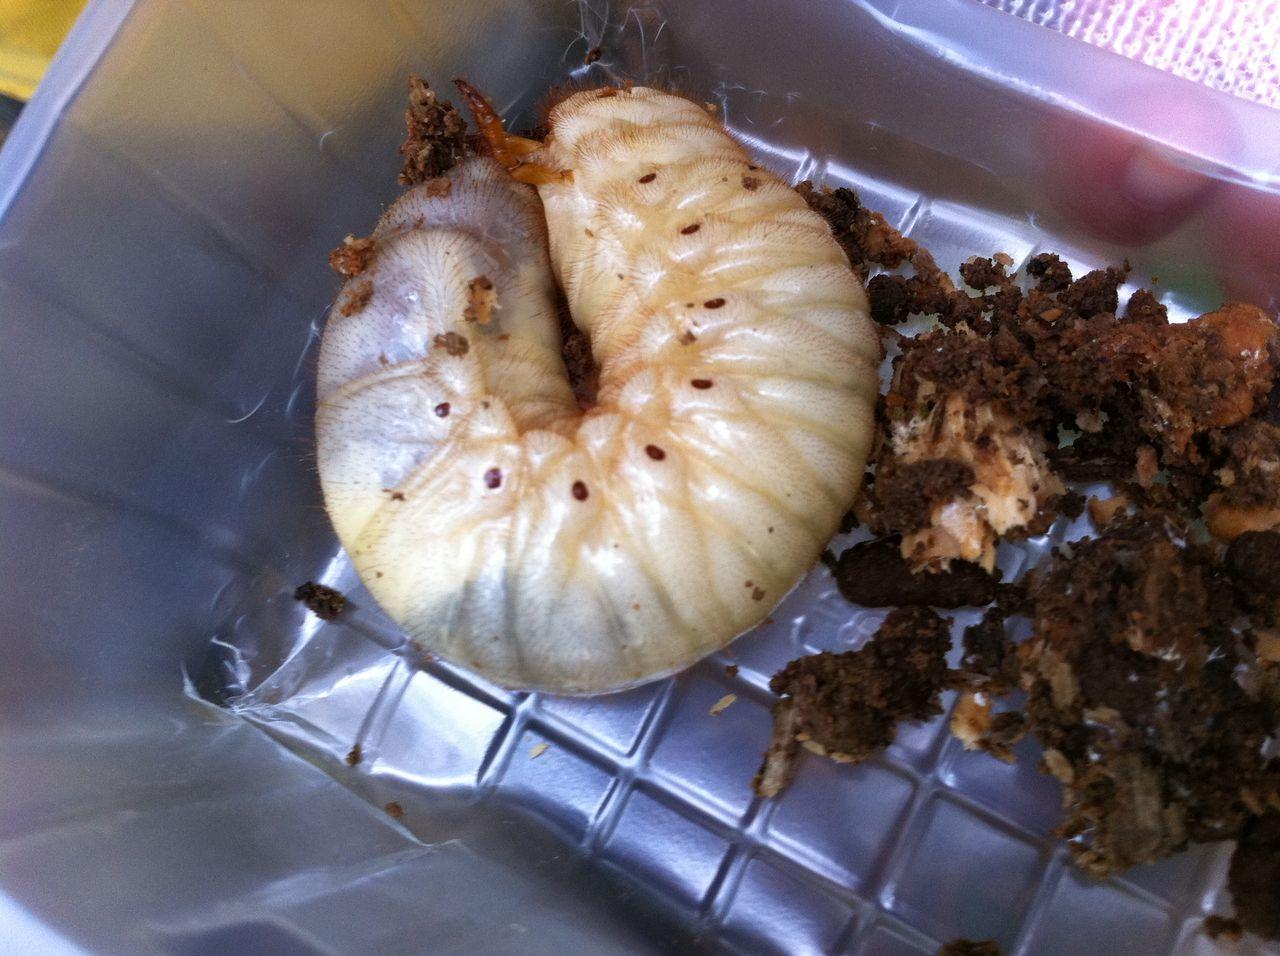 カブトムシの幼虫 土から出てくる